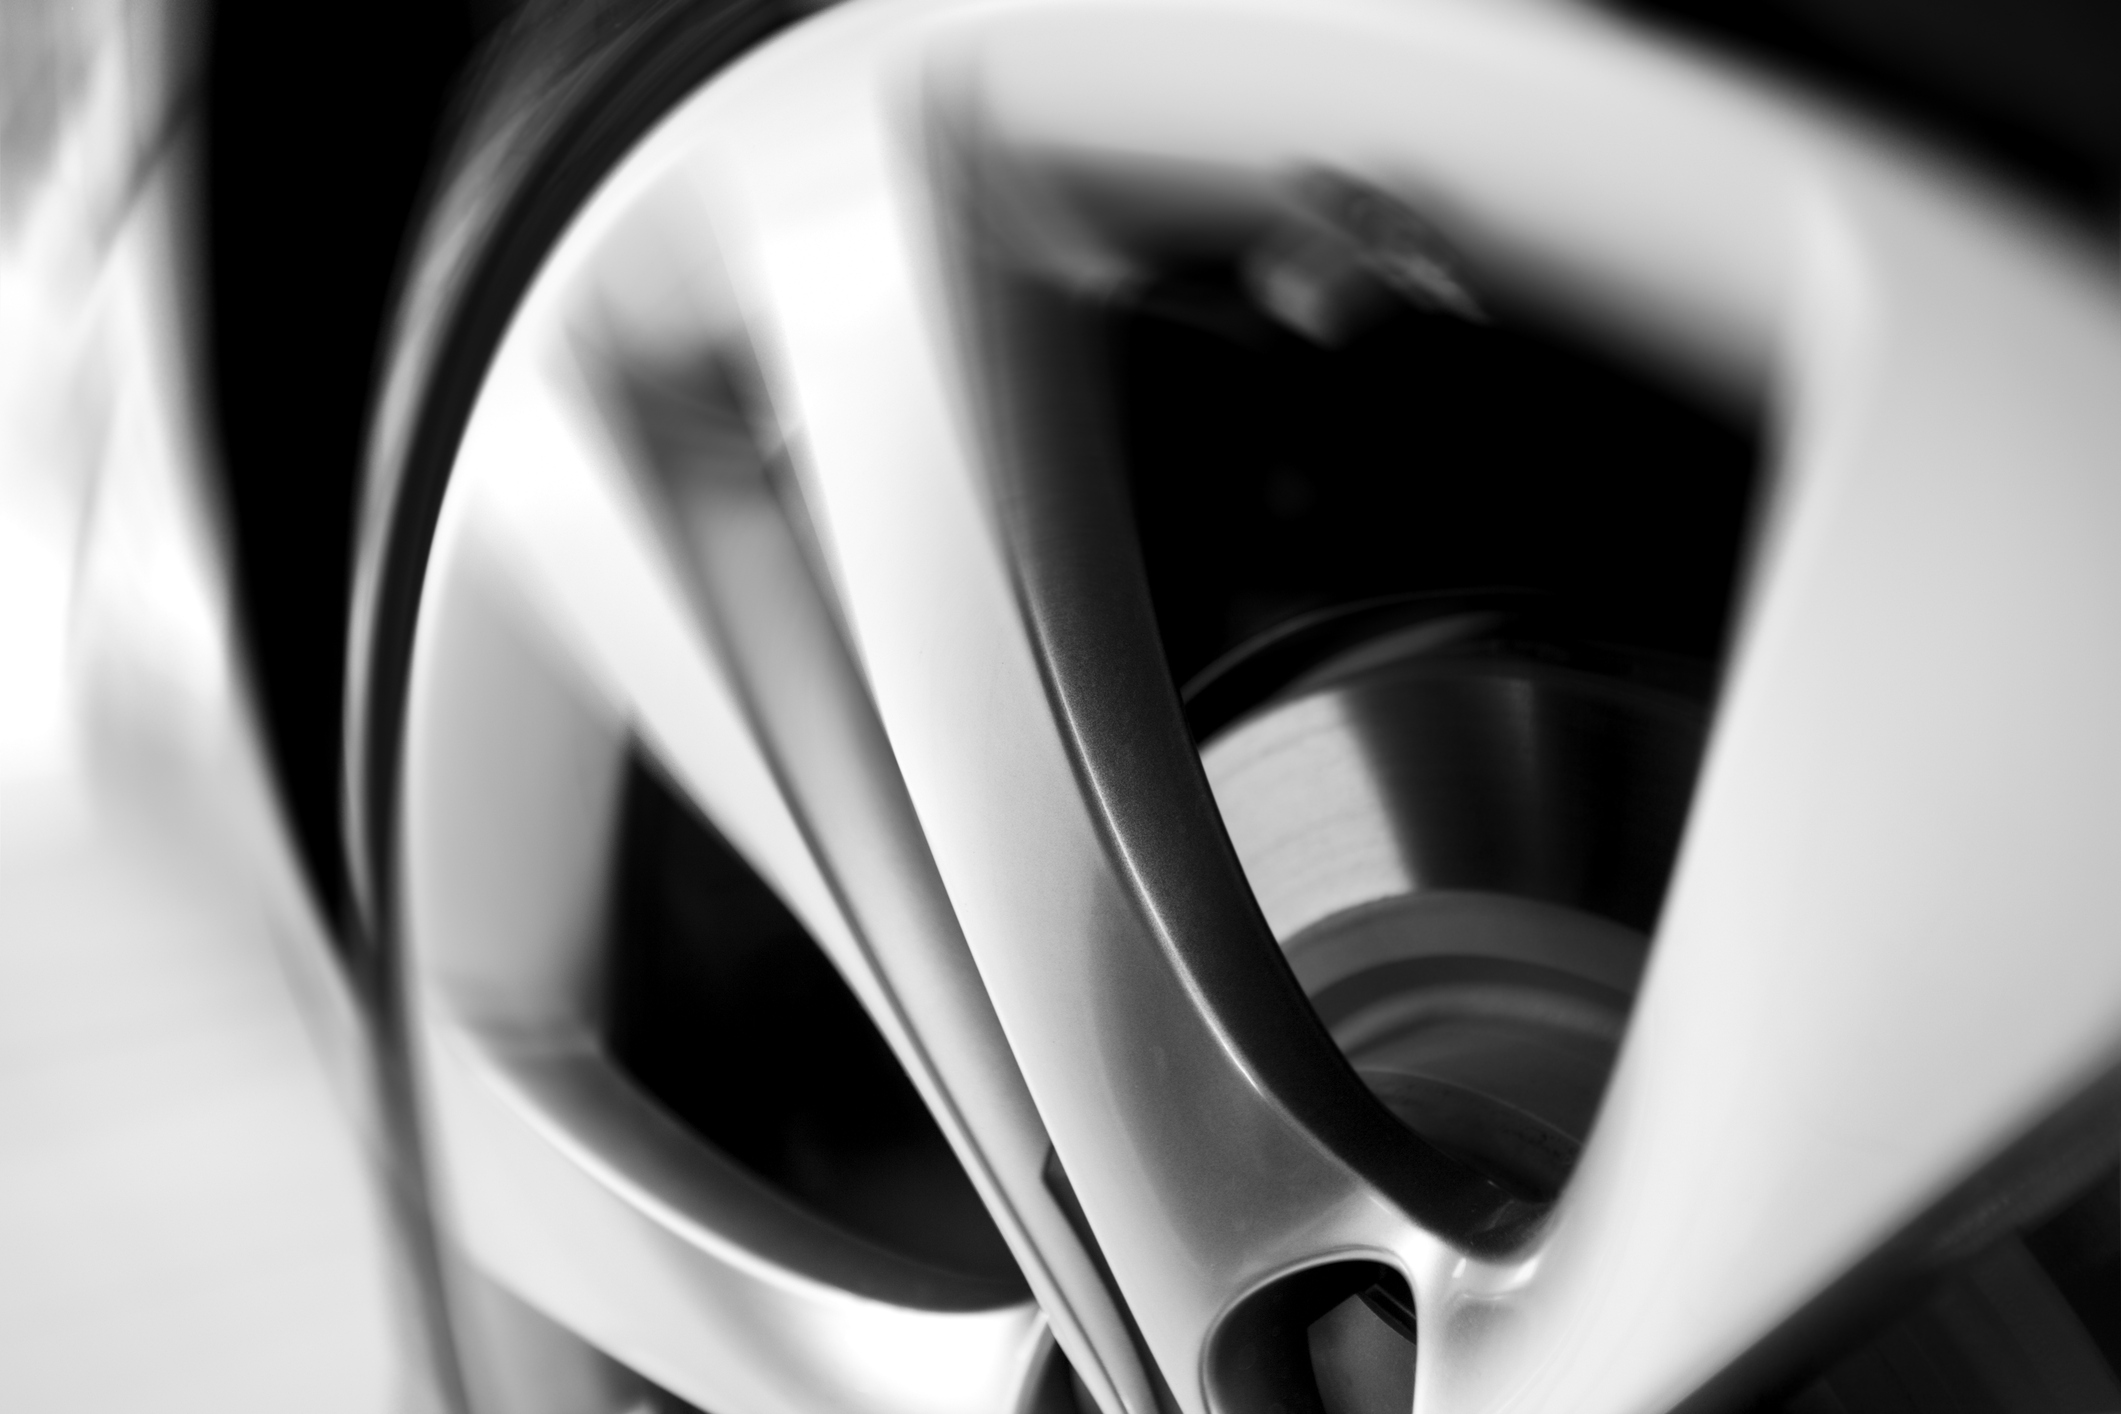 motion-blurred-car-wheeljpg